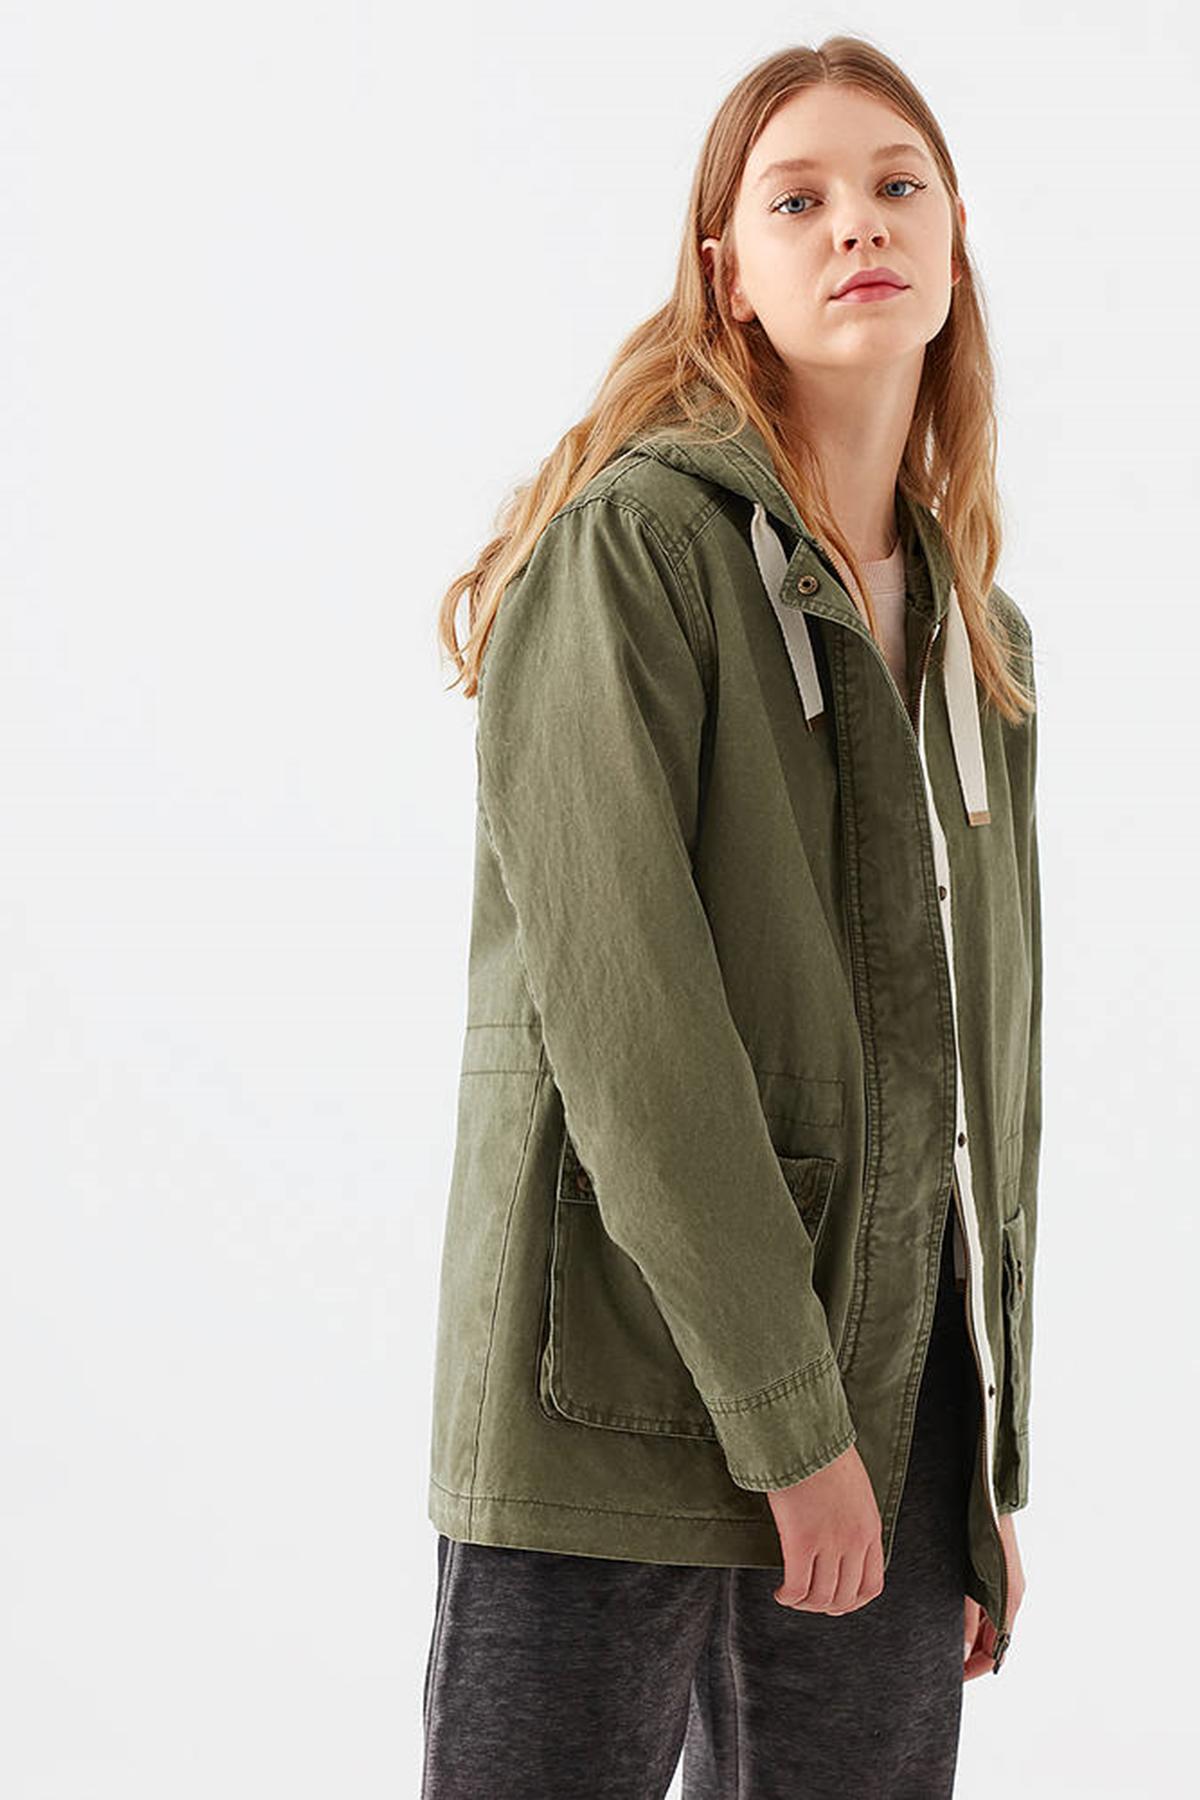 Kapişonlu Ceket Açık Zeytin Yeşili